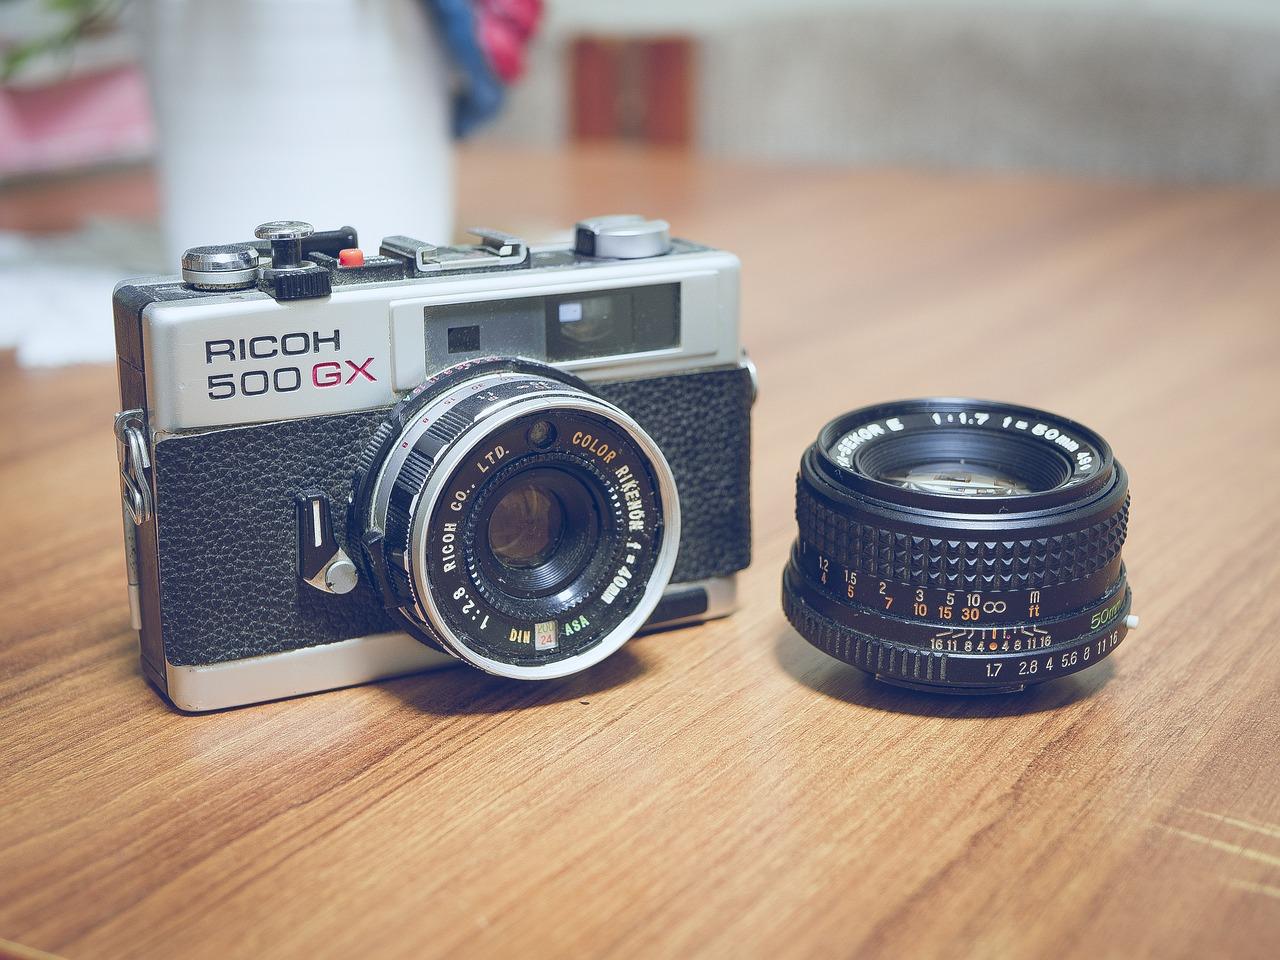 camera-1248682_1280.jpg